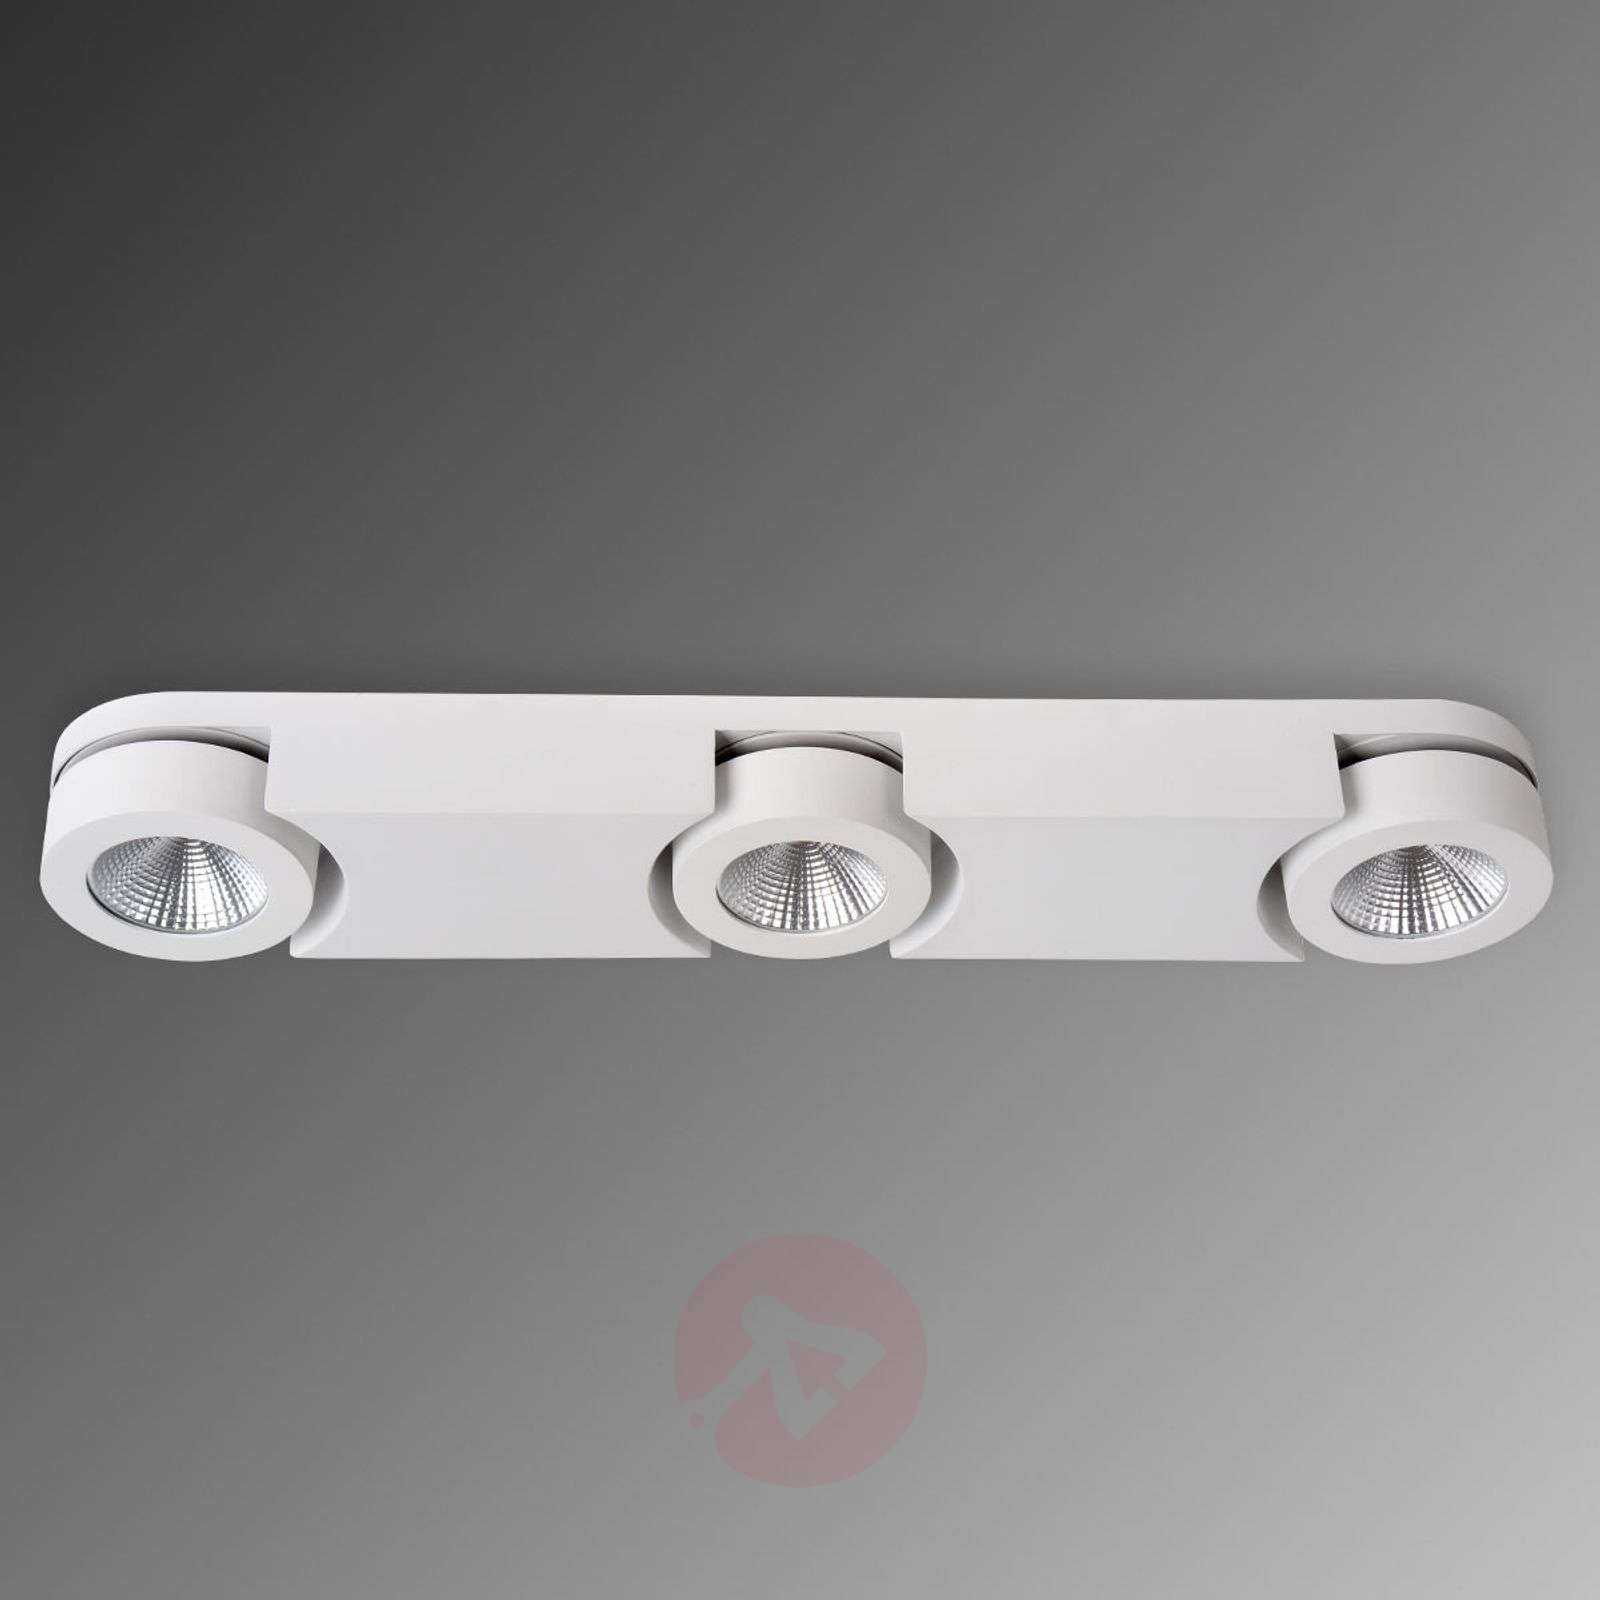 Säädettävä LED-kattokohdevalo Mitrax 3-lamppuinen-6055089-01